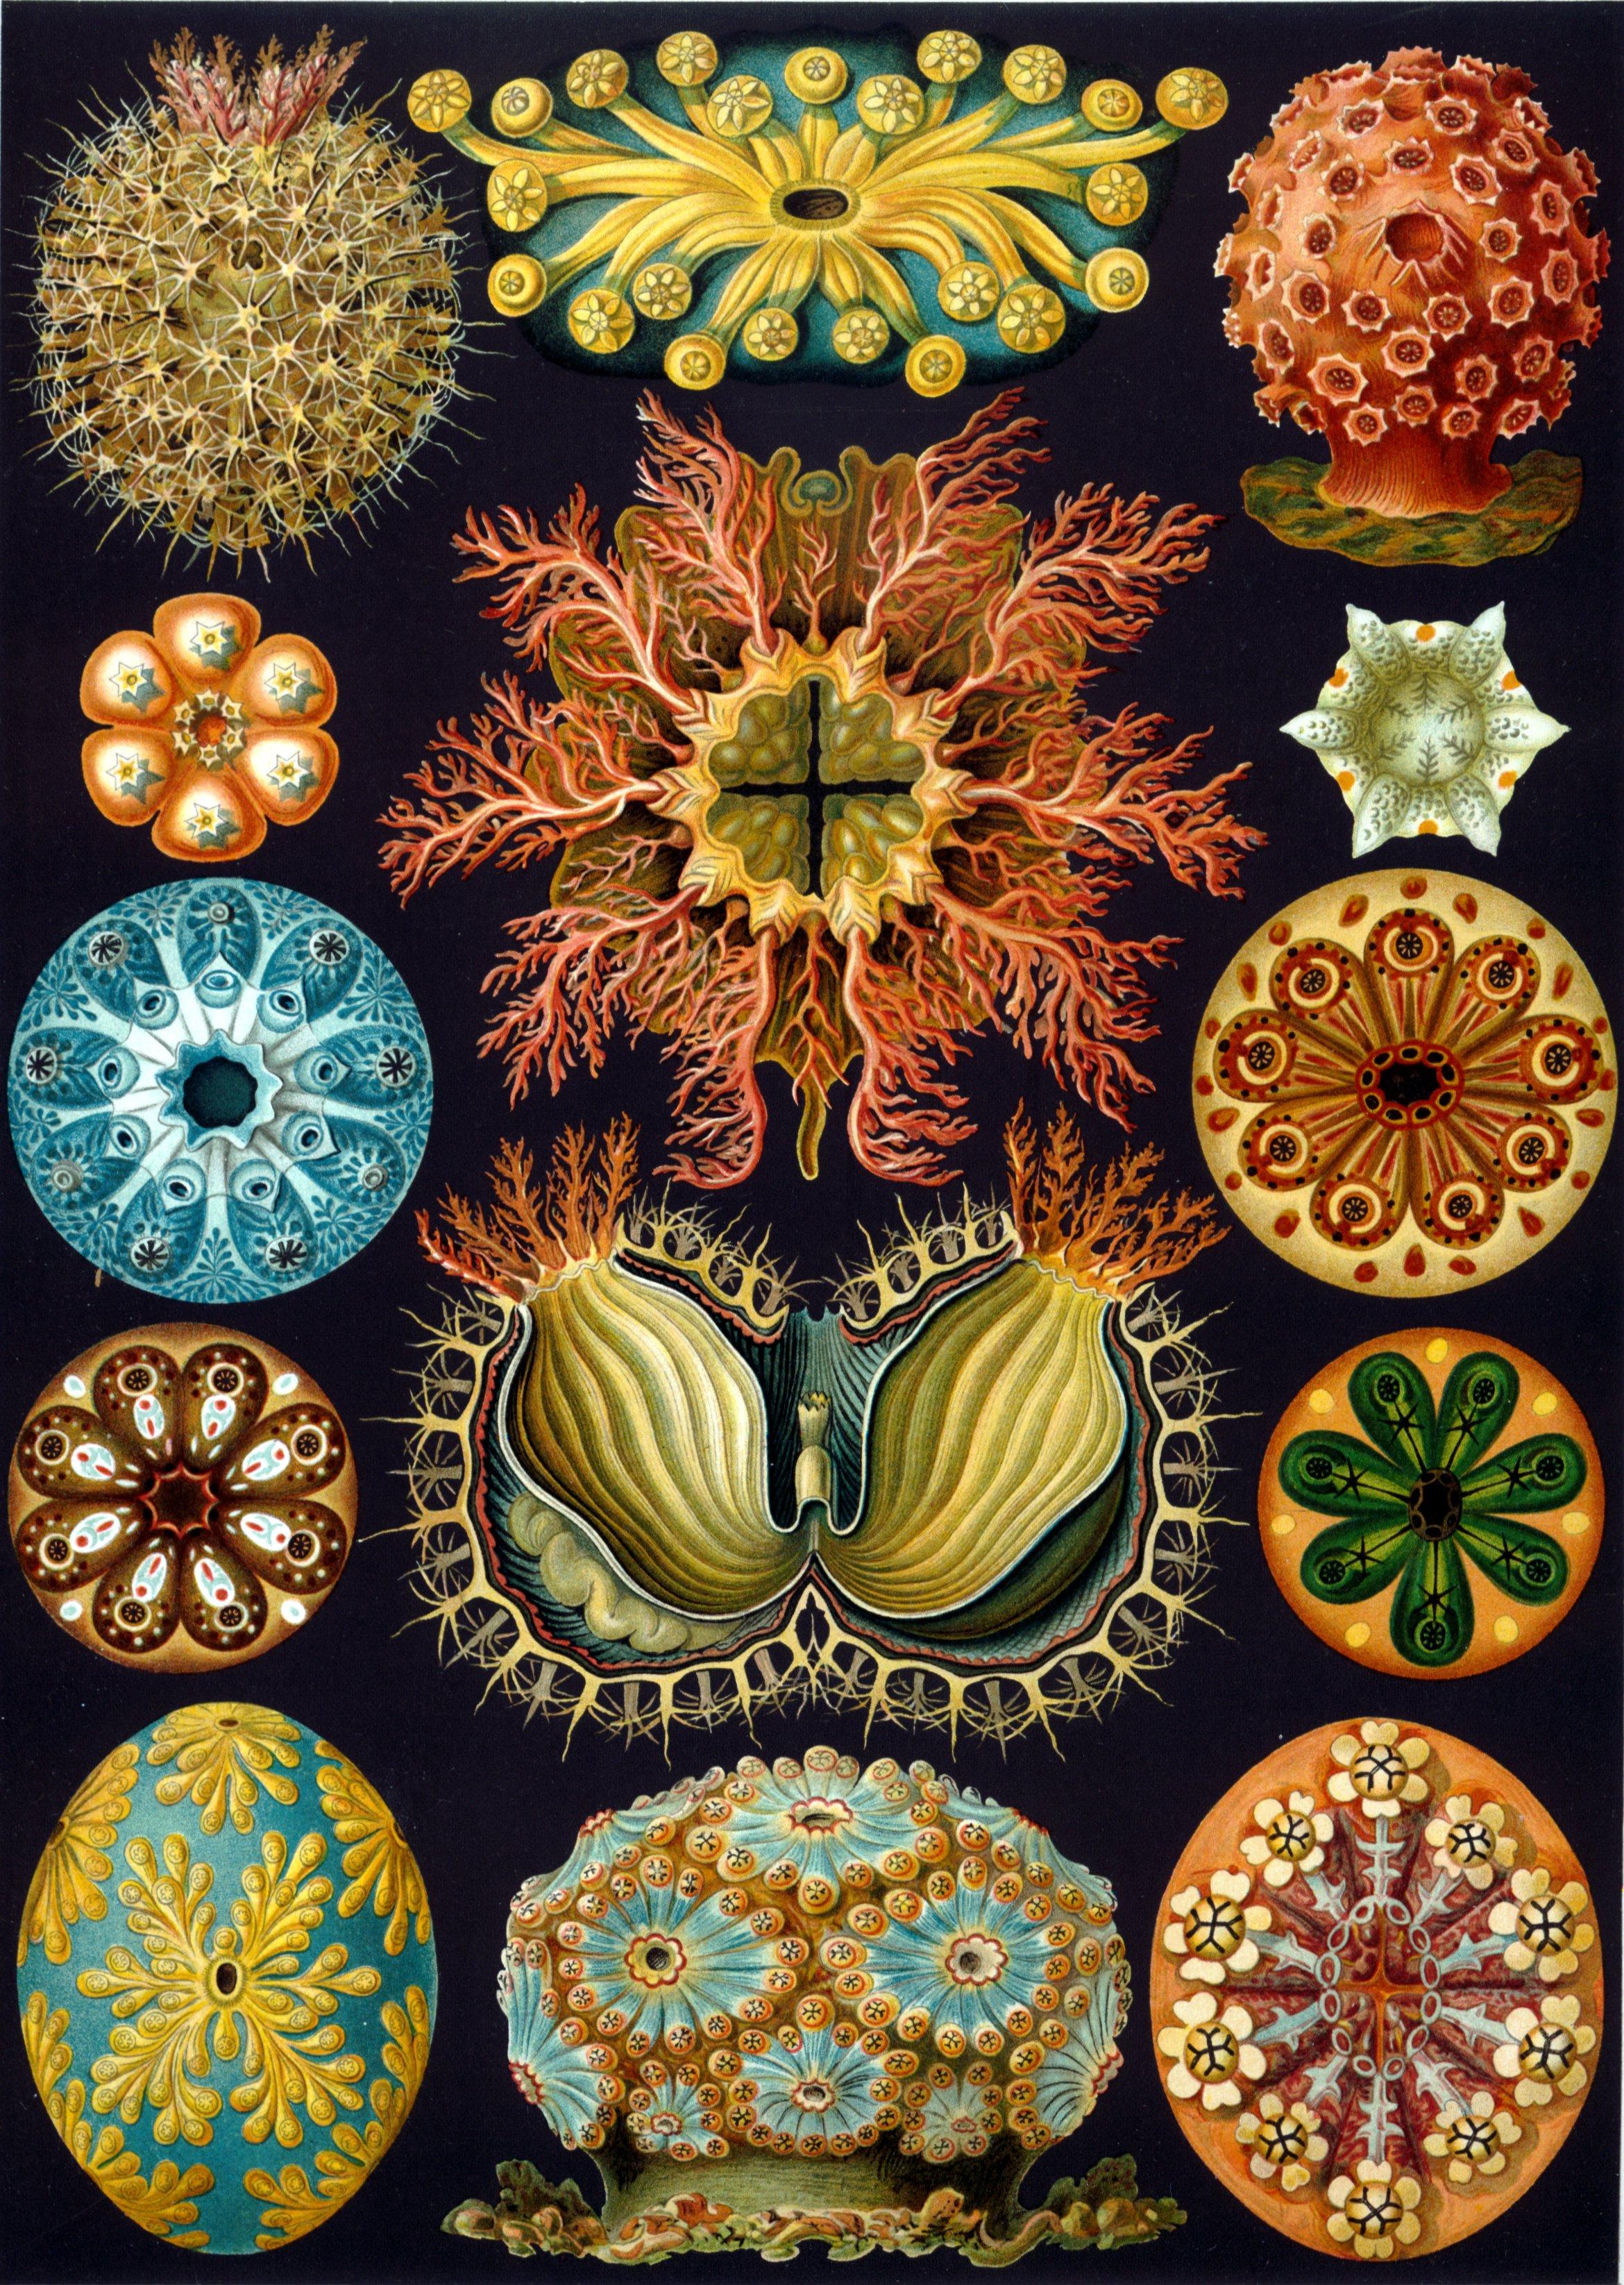 introduction of art nouveau Dans les années 1880, l'art nouveau s'adresse à une clientèle bourgeoise et restreinte de par ses propositions audacieuses le monde floral est une véritable.